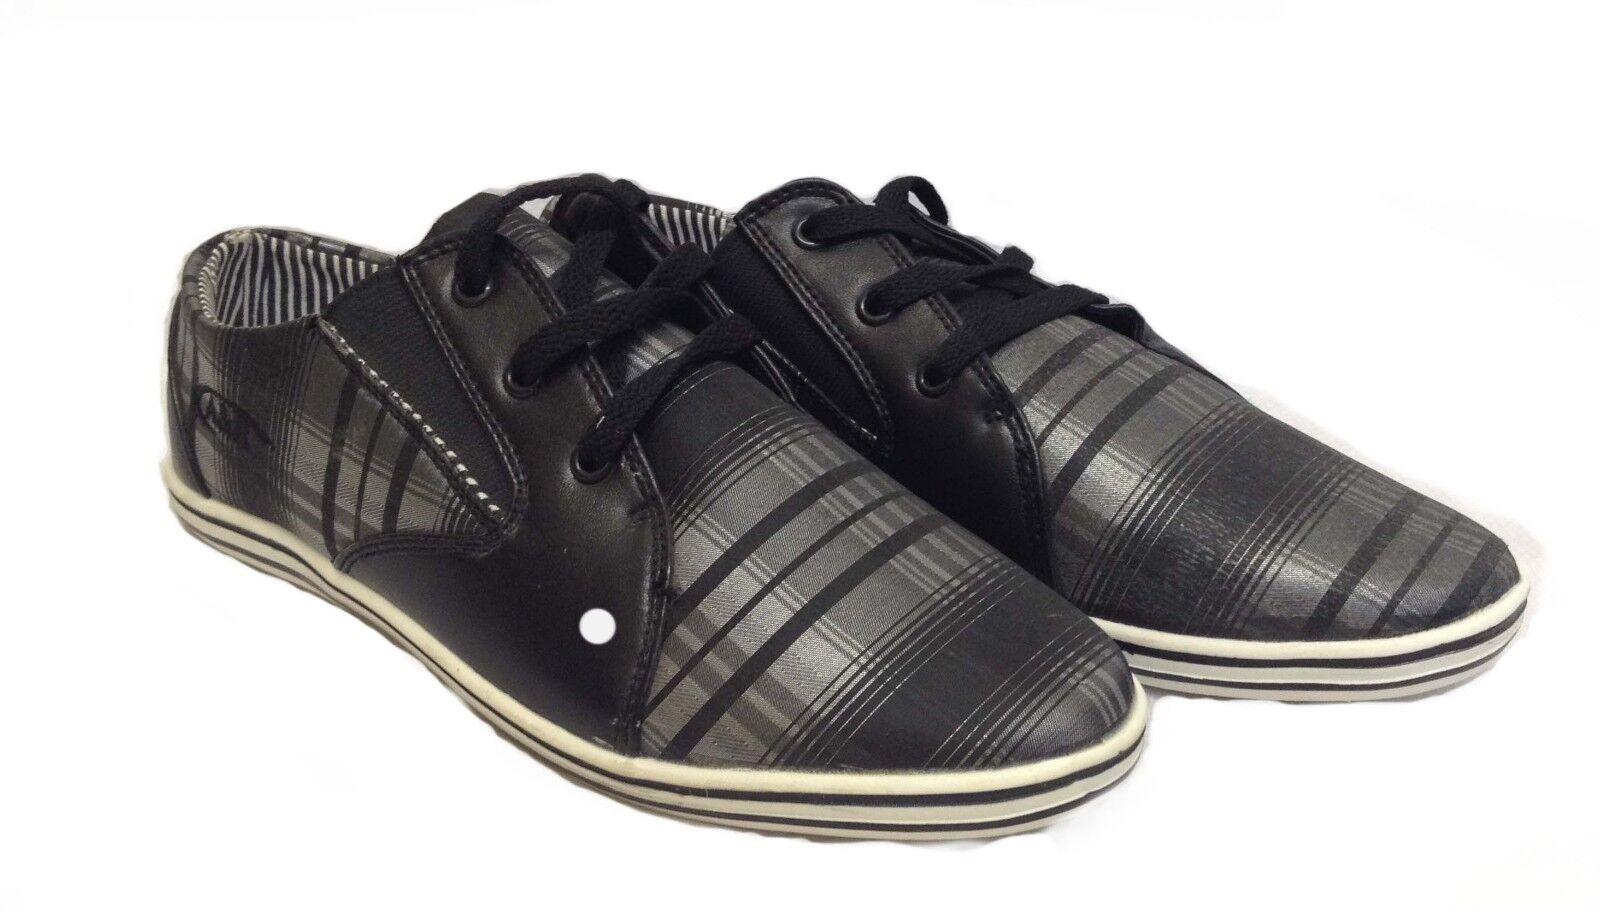 12x Homme Lacets Décontracté Toile Chaussures Tennis Esvoiturepins patins paniers Taille joblots